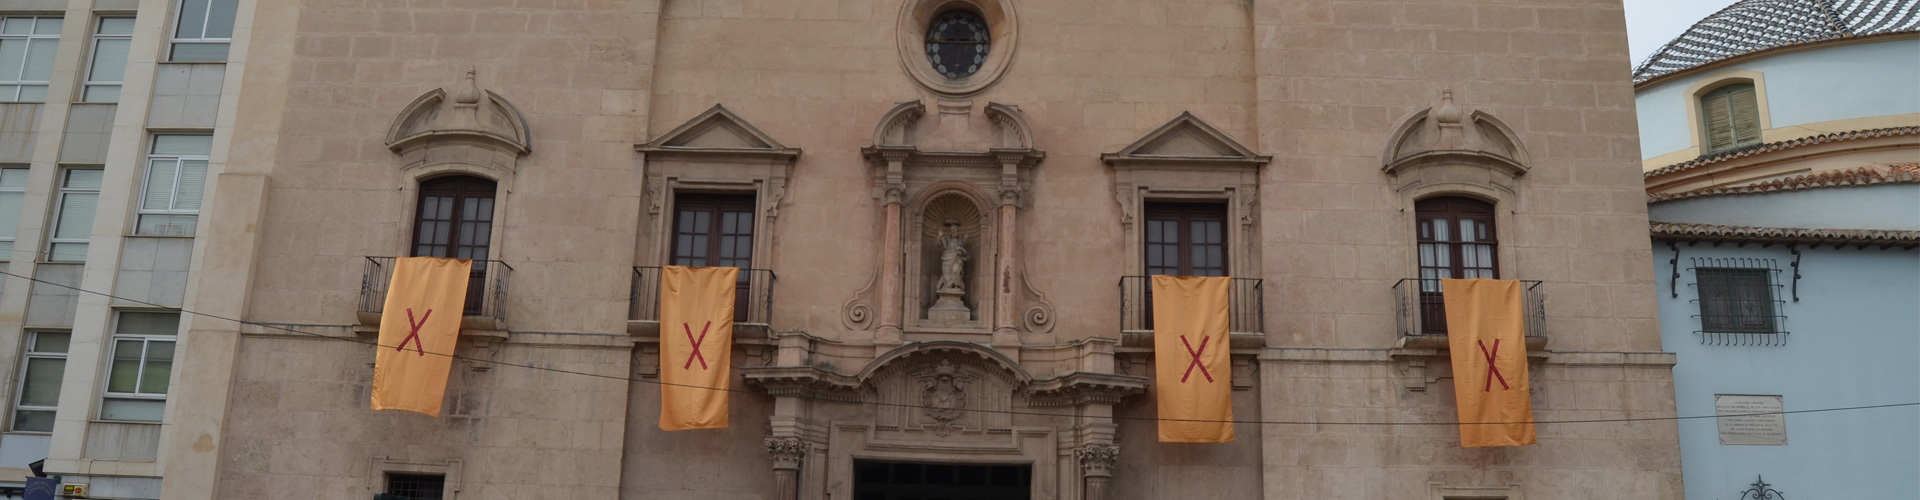 Parroquia San Andrés y Santa María de la Arrixaca Murcia